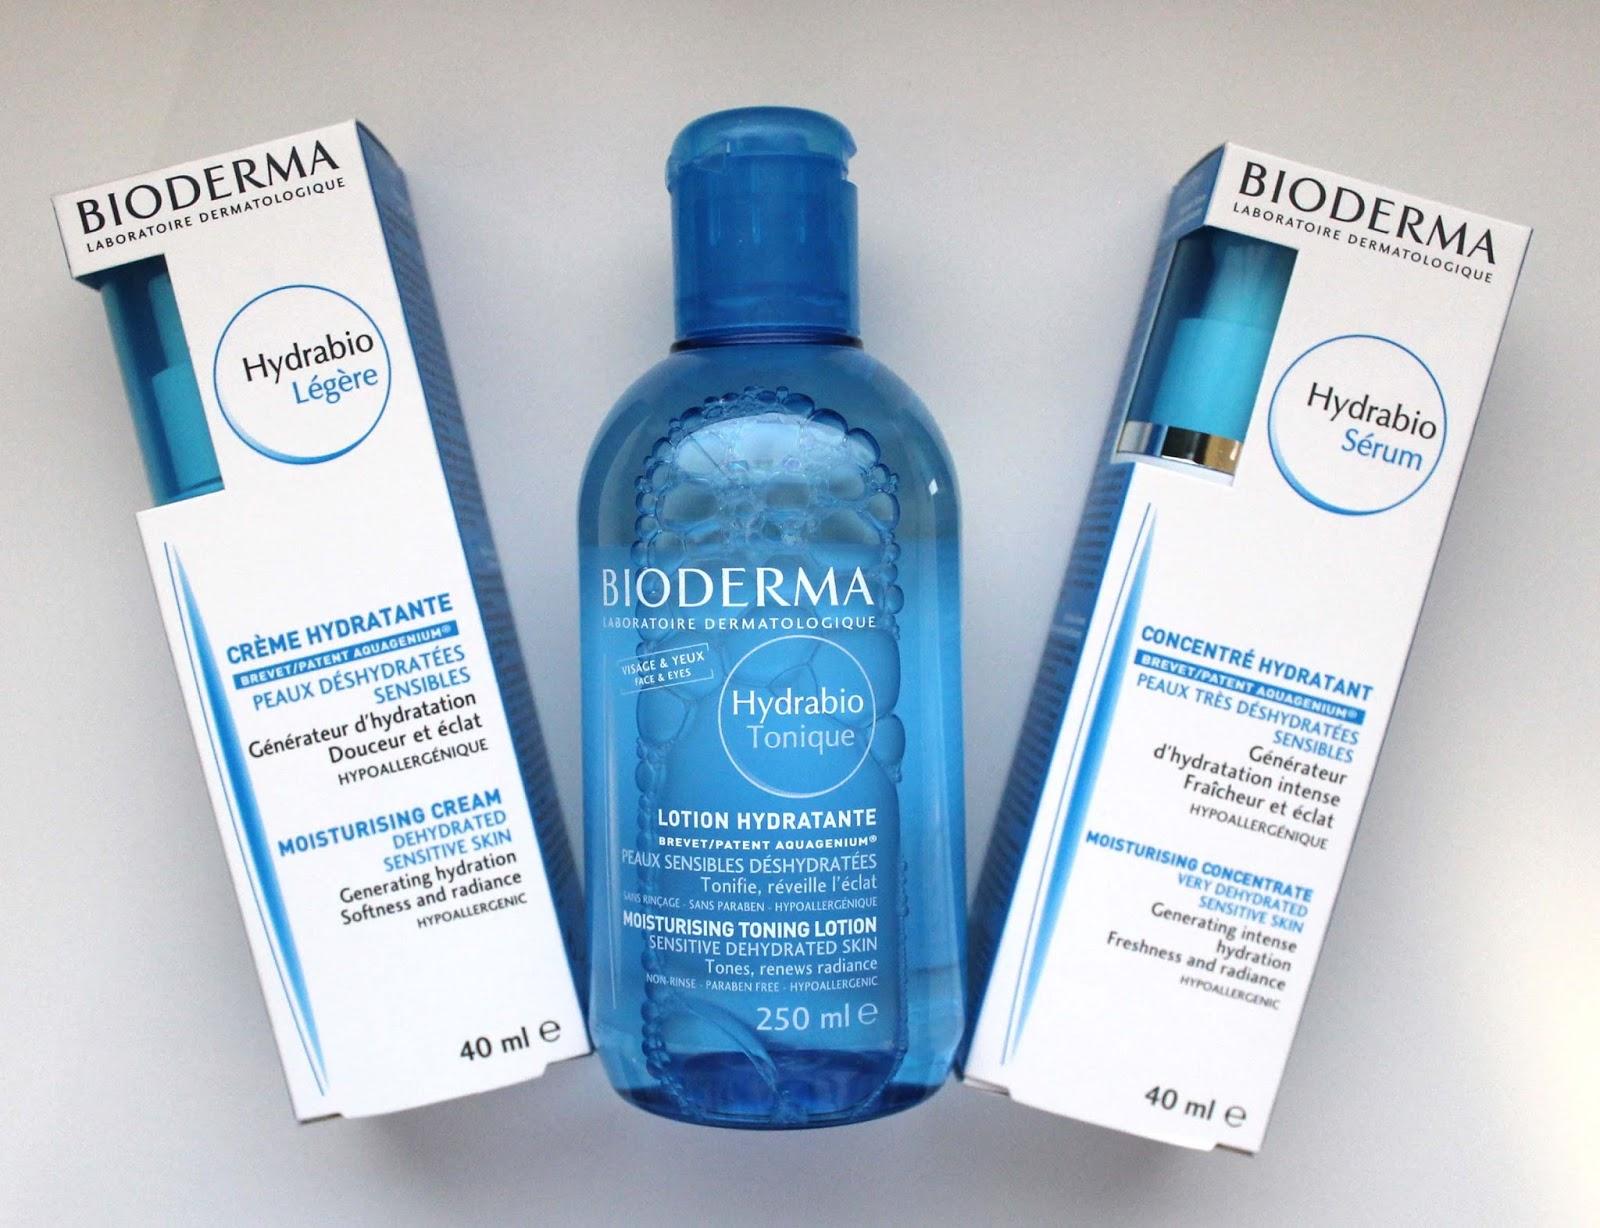 Bioderma Hydrabio